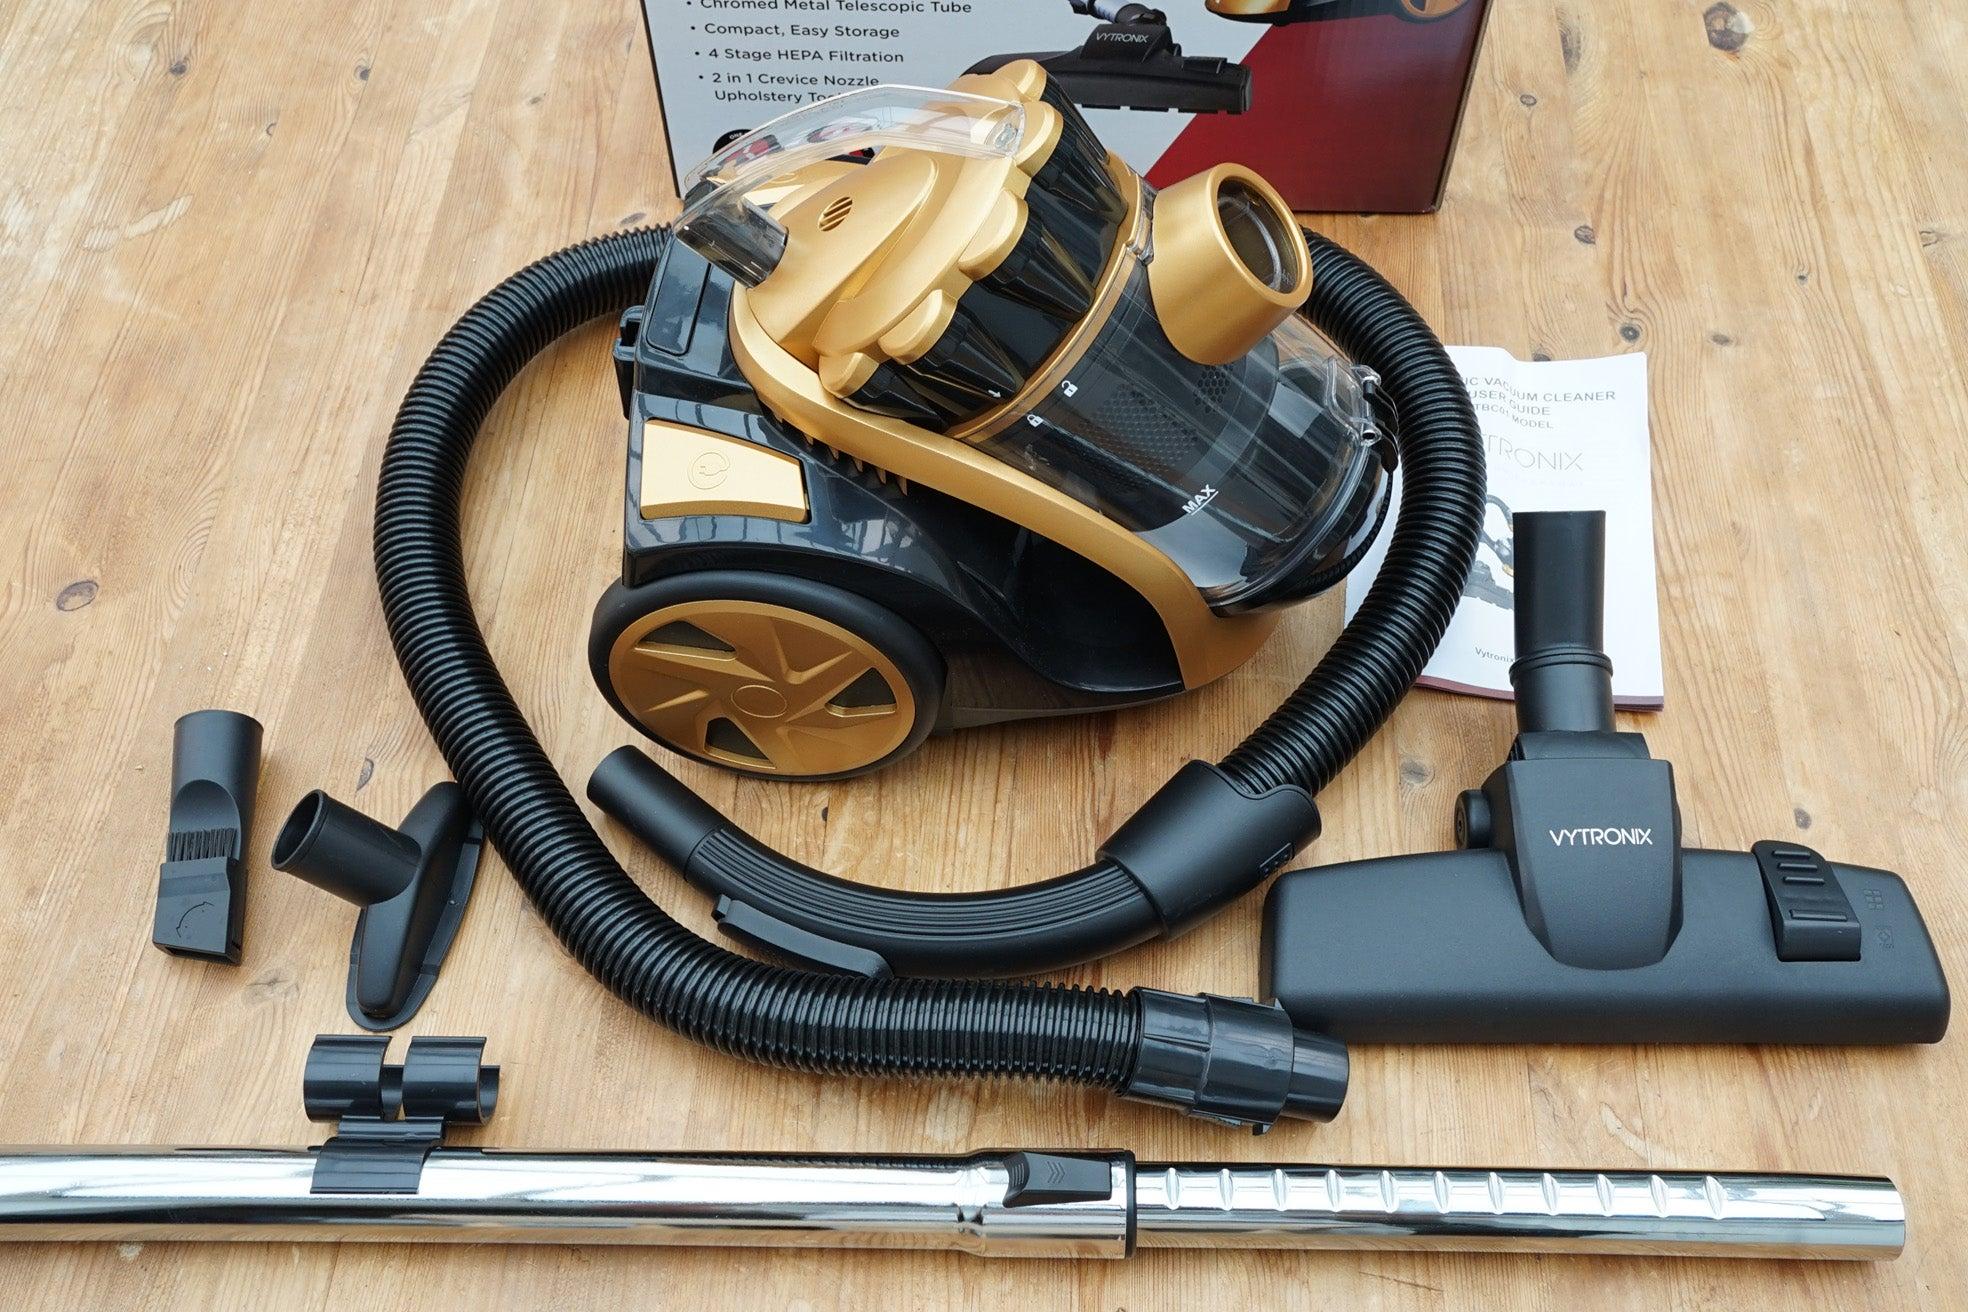 Buy VYTRONIX Vacuum cleaners online | LIONSHOME